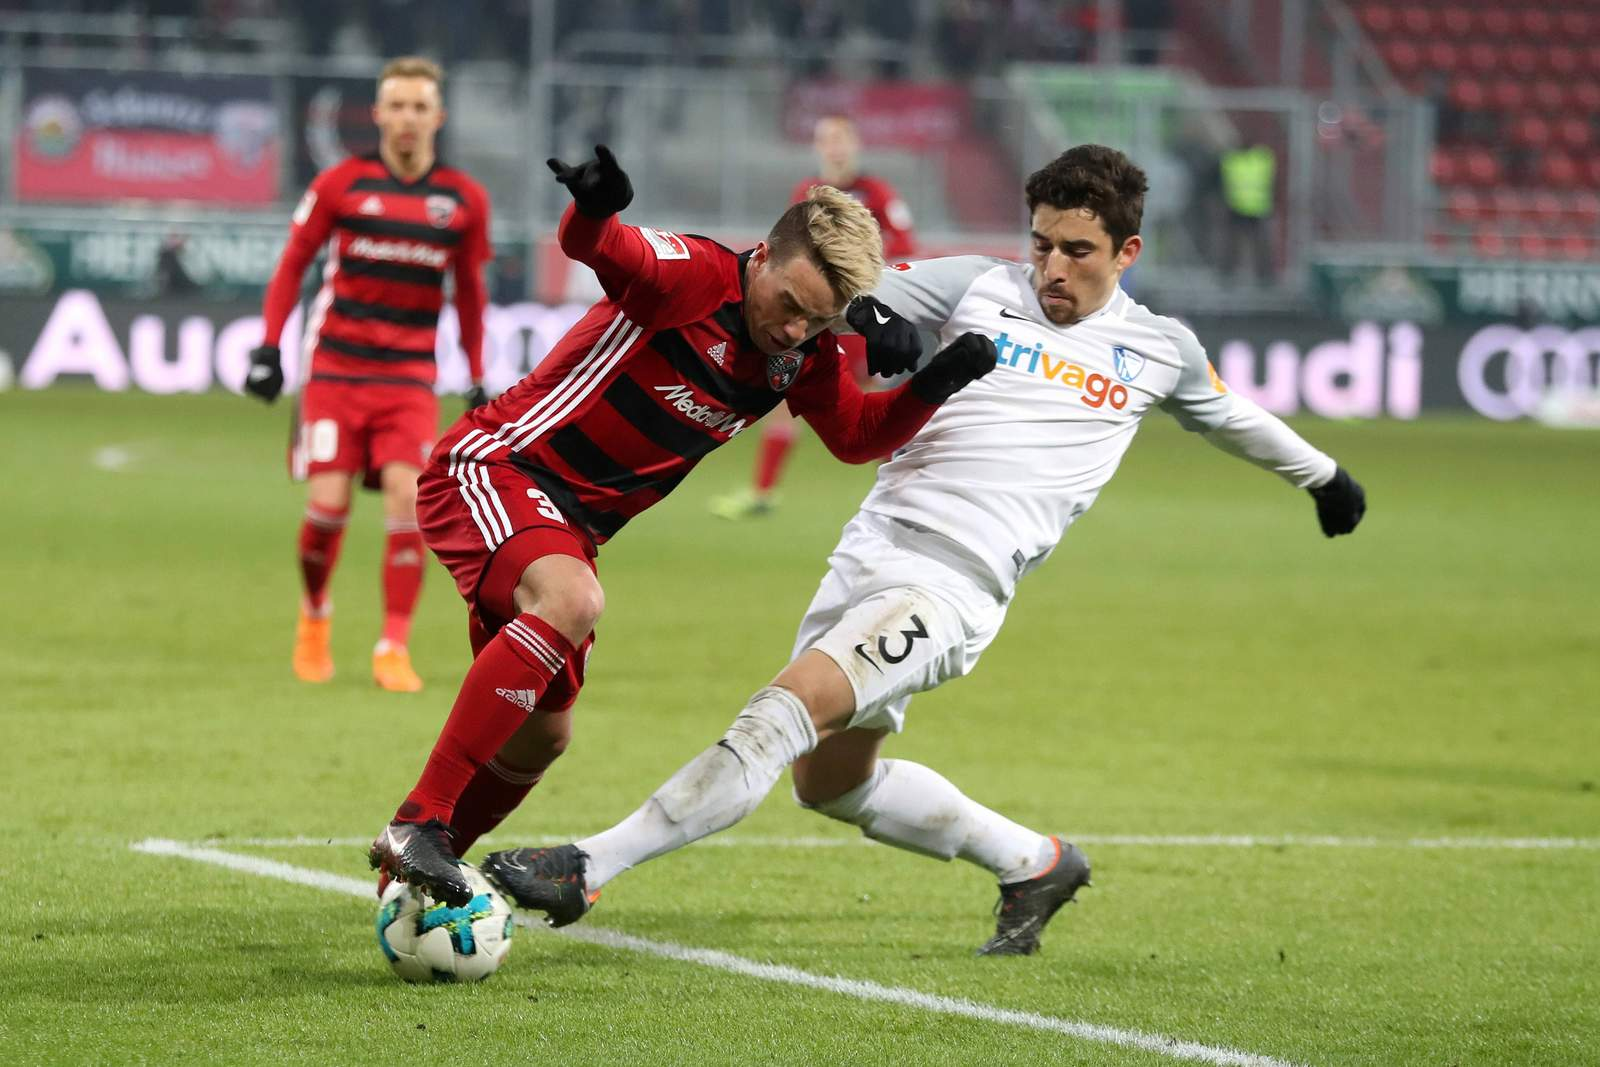 Thomas Pledl wird von Danilo Soares attackiert. Jetzt auf Bochum gegen Ingolstadt wetten.